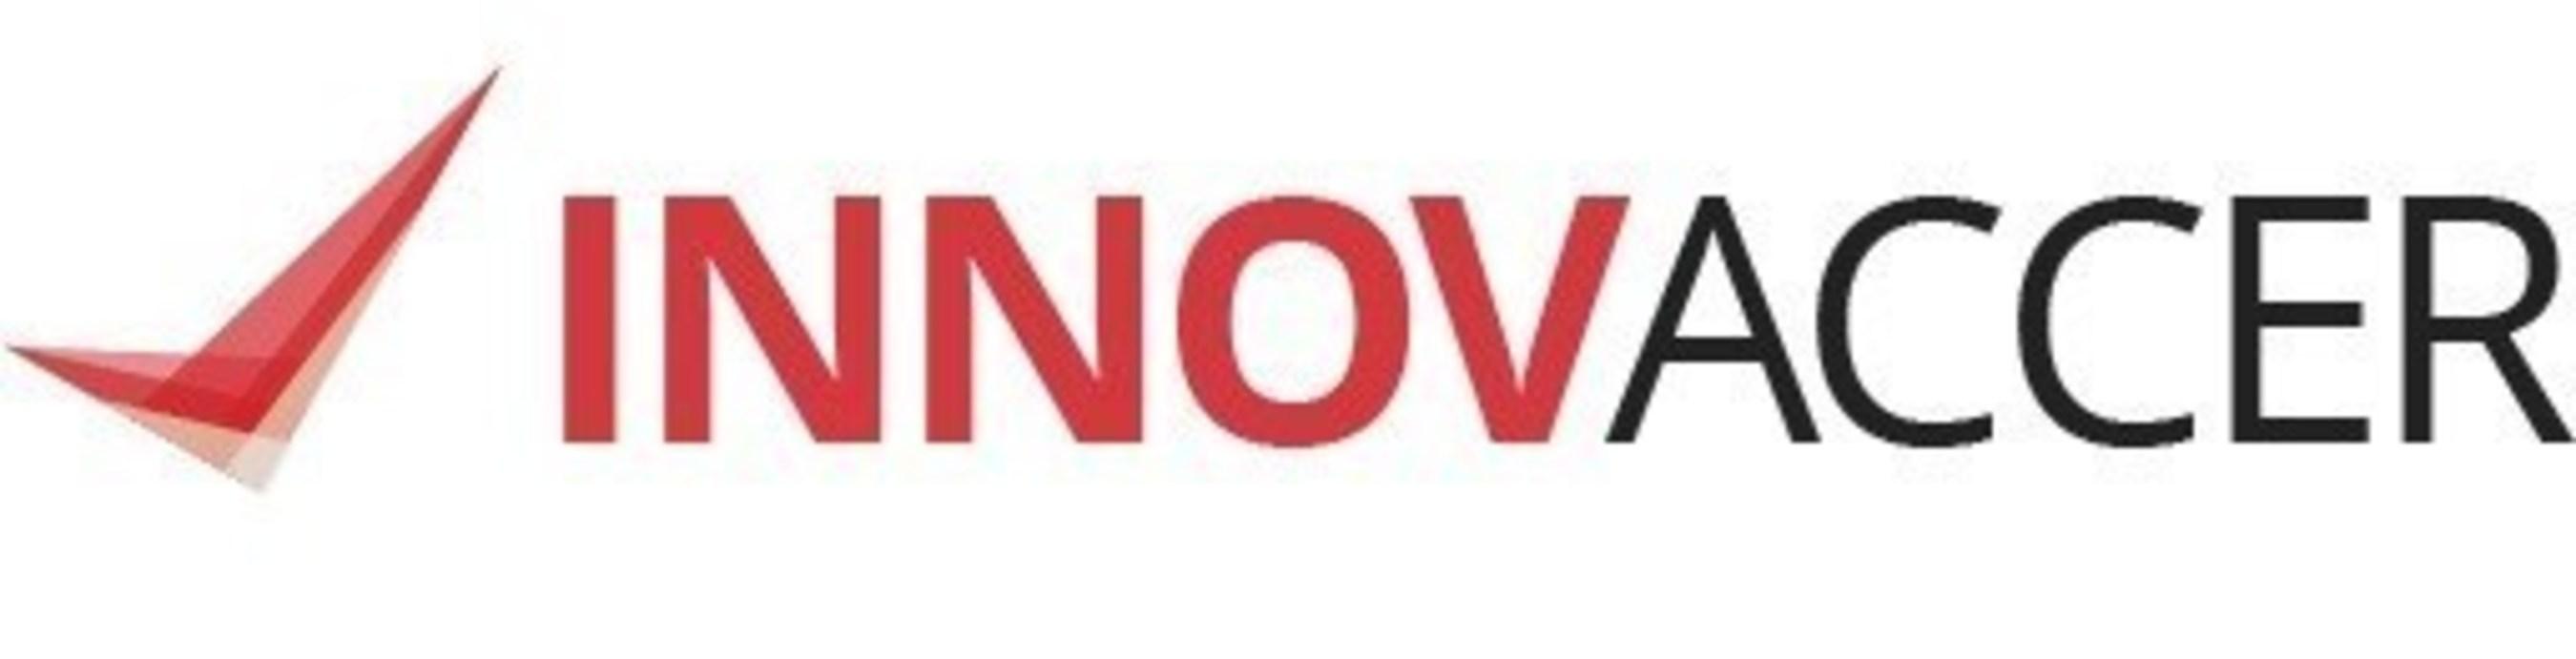 Former P&G Global President Joins InnovAccer's Board of Advisors